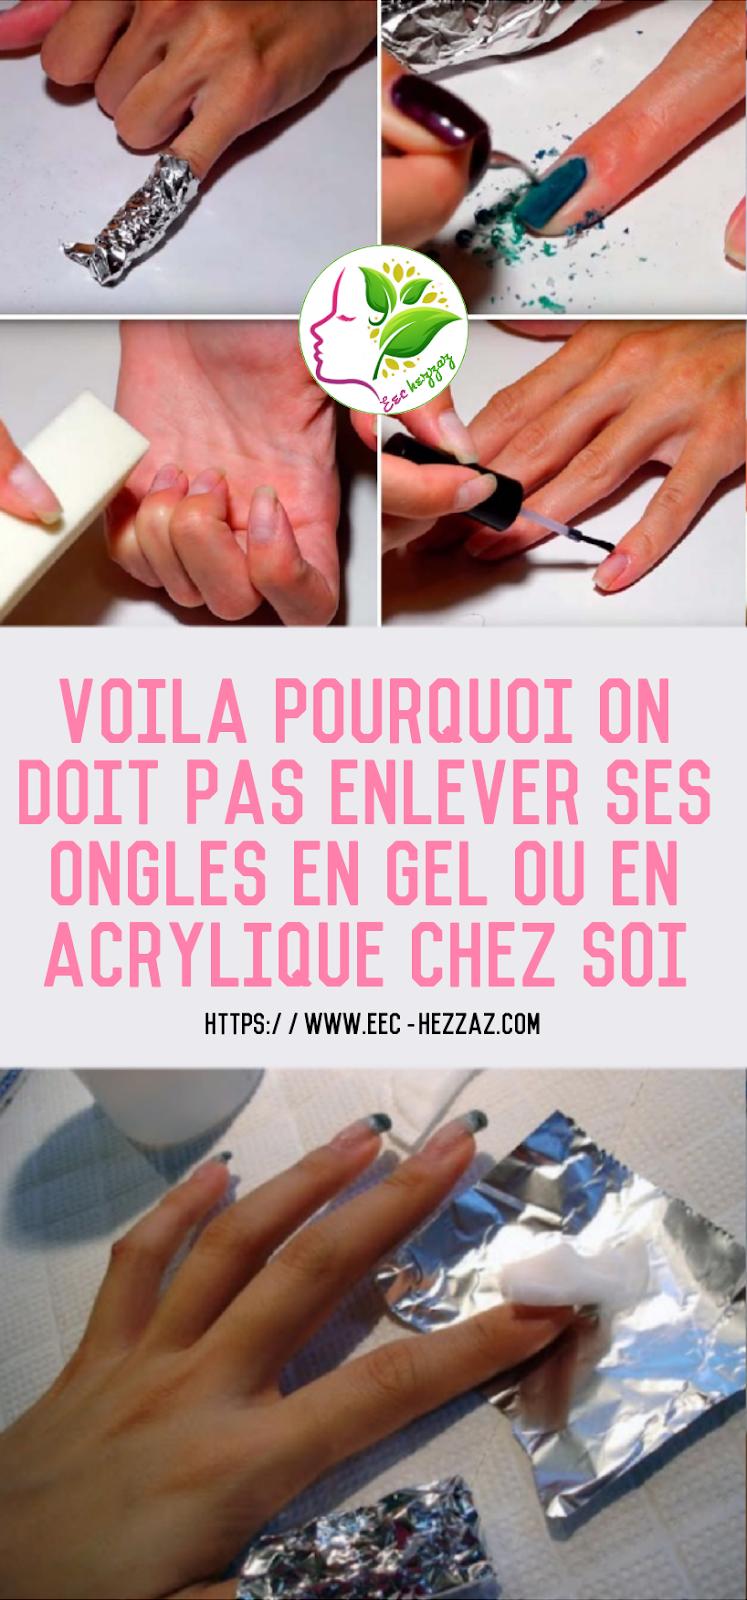 Voila pourquoi on doit pas enlever ses ongles en gel ou en acrylique chez soi